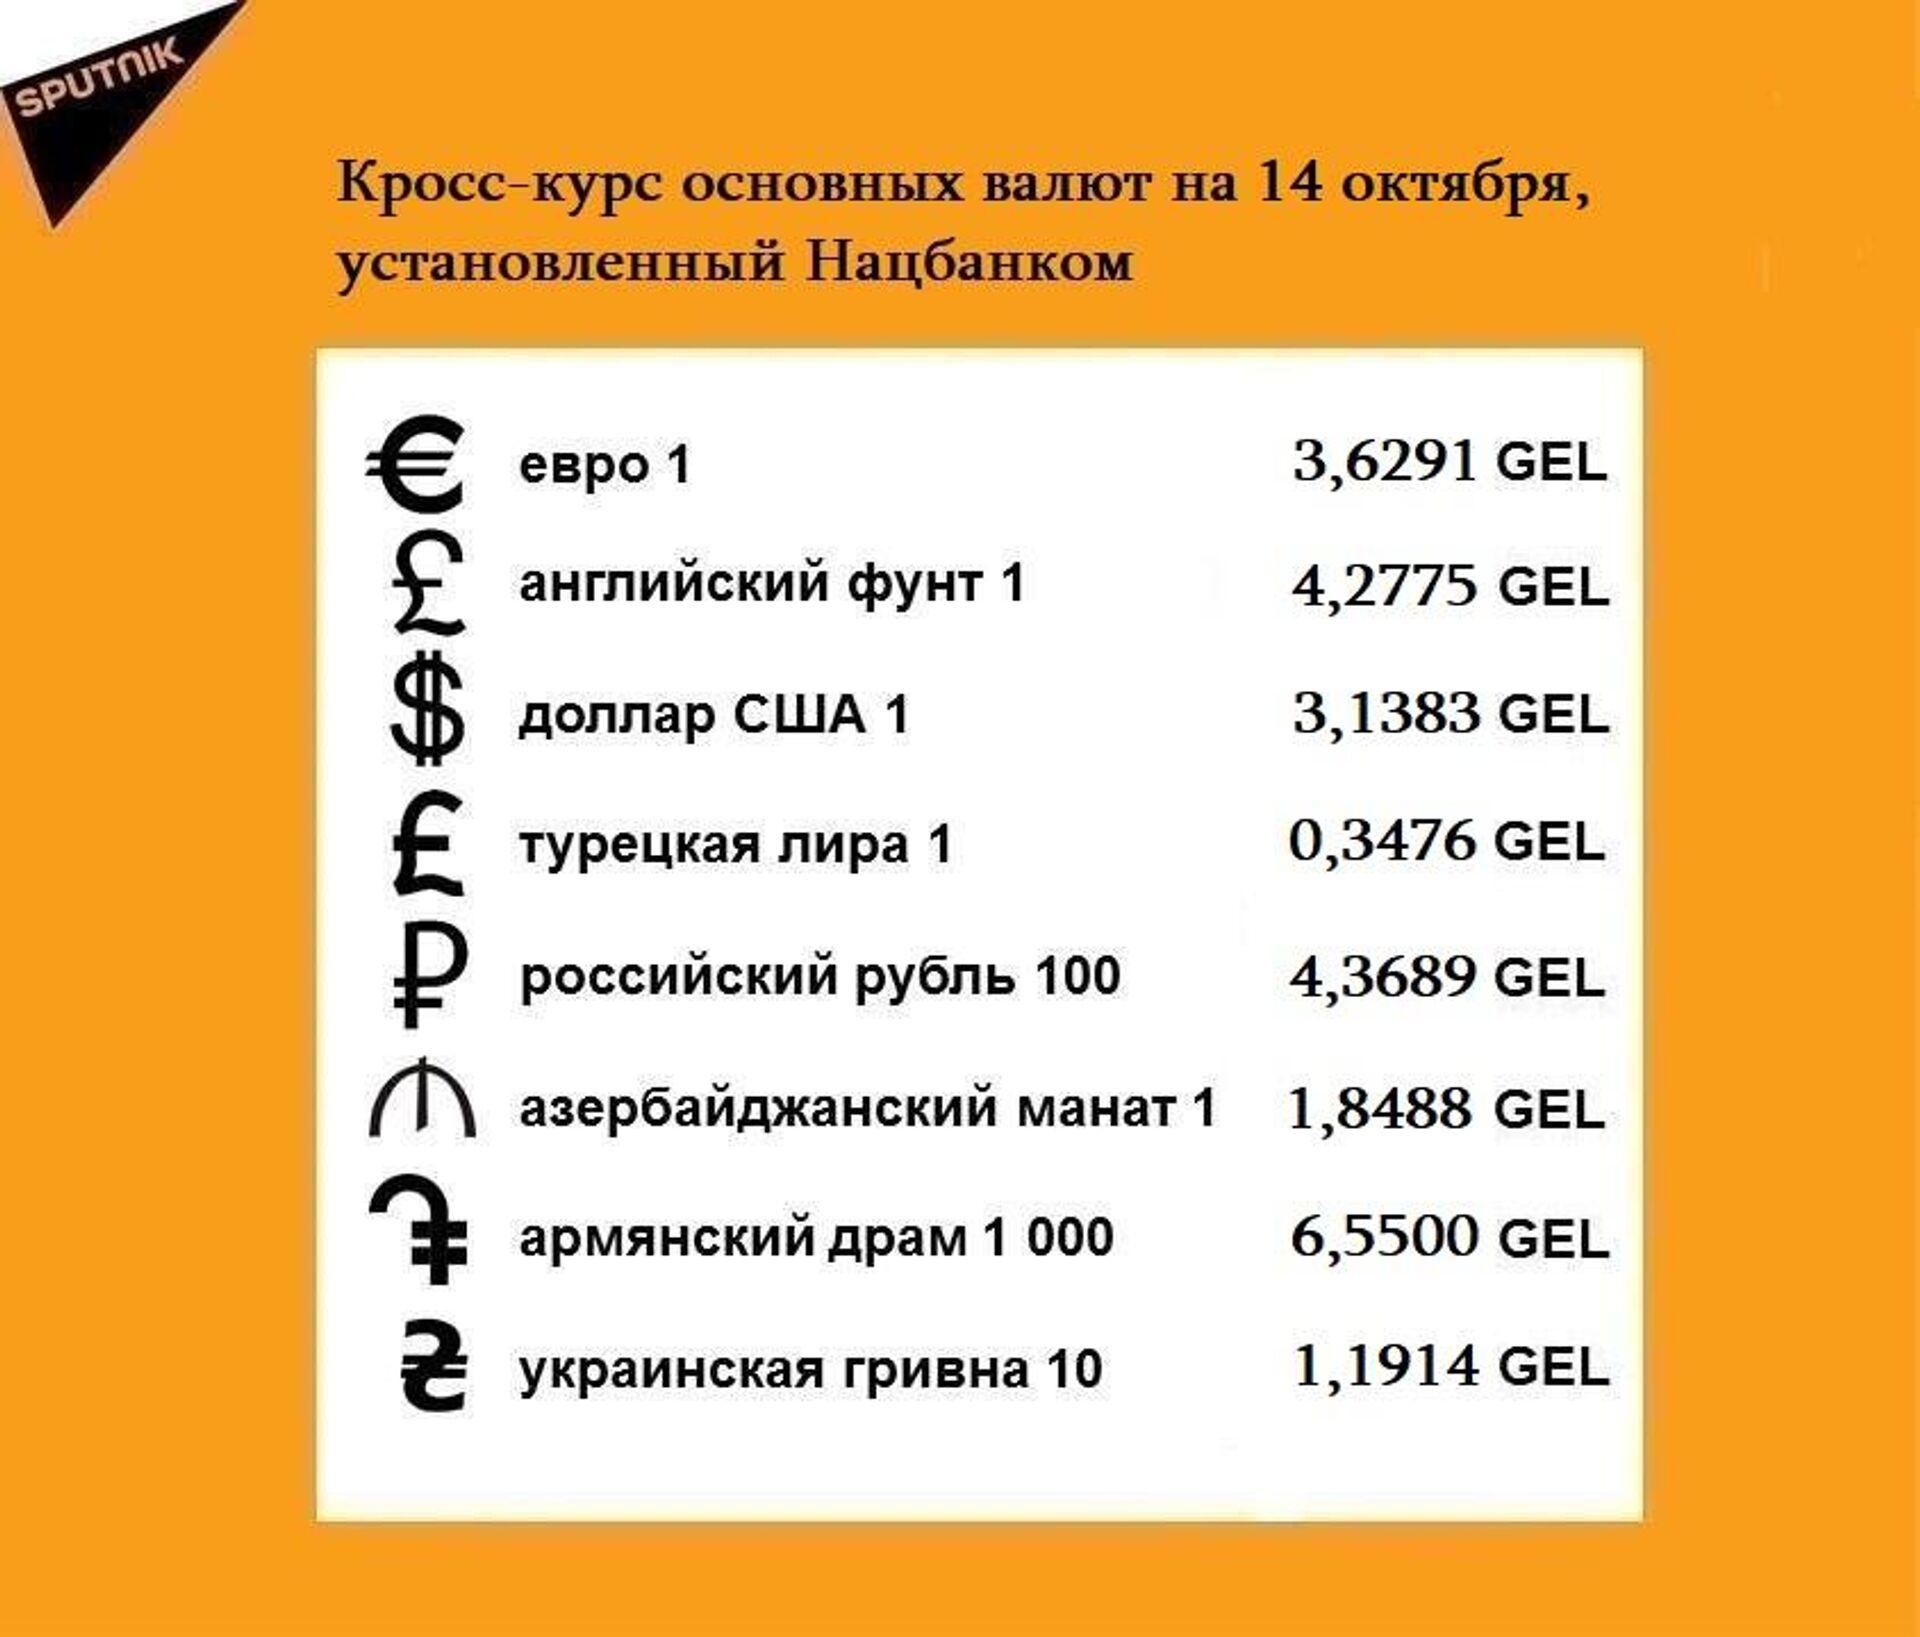 Кросс-курс основных валют на 14 октября - Sputnik Грузия, 1920, 13.10.2021